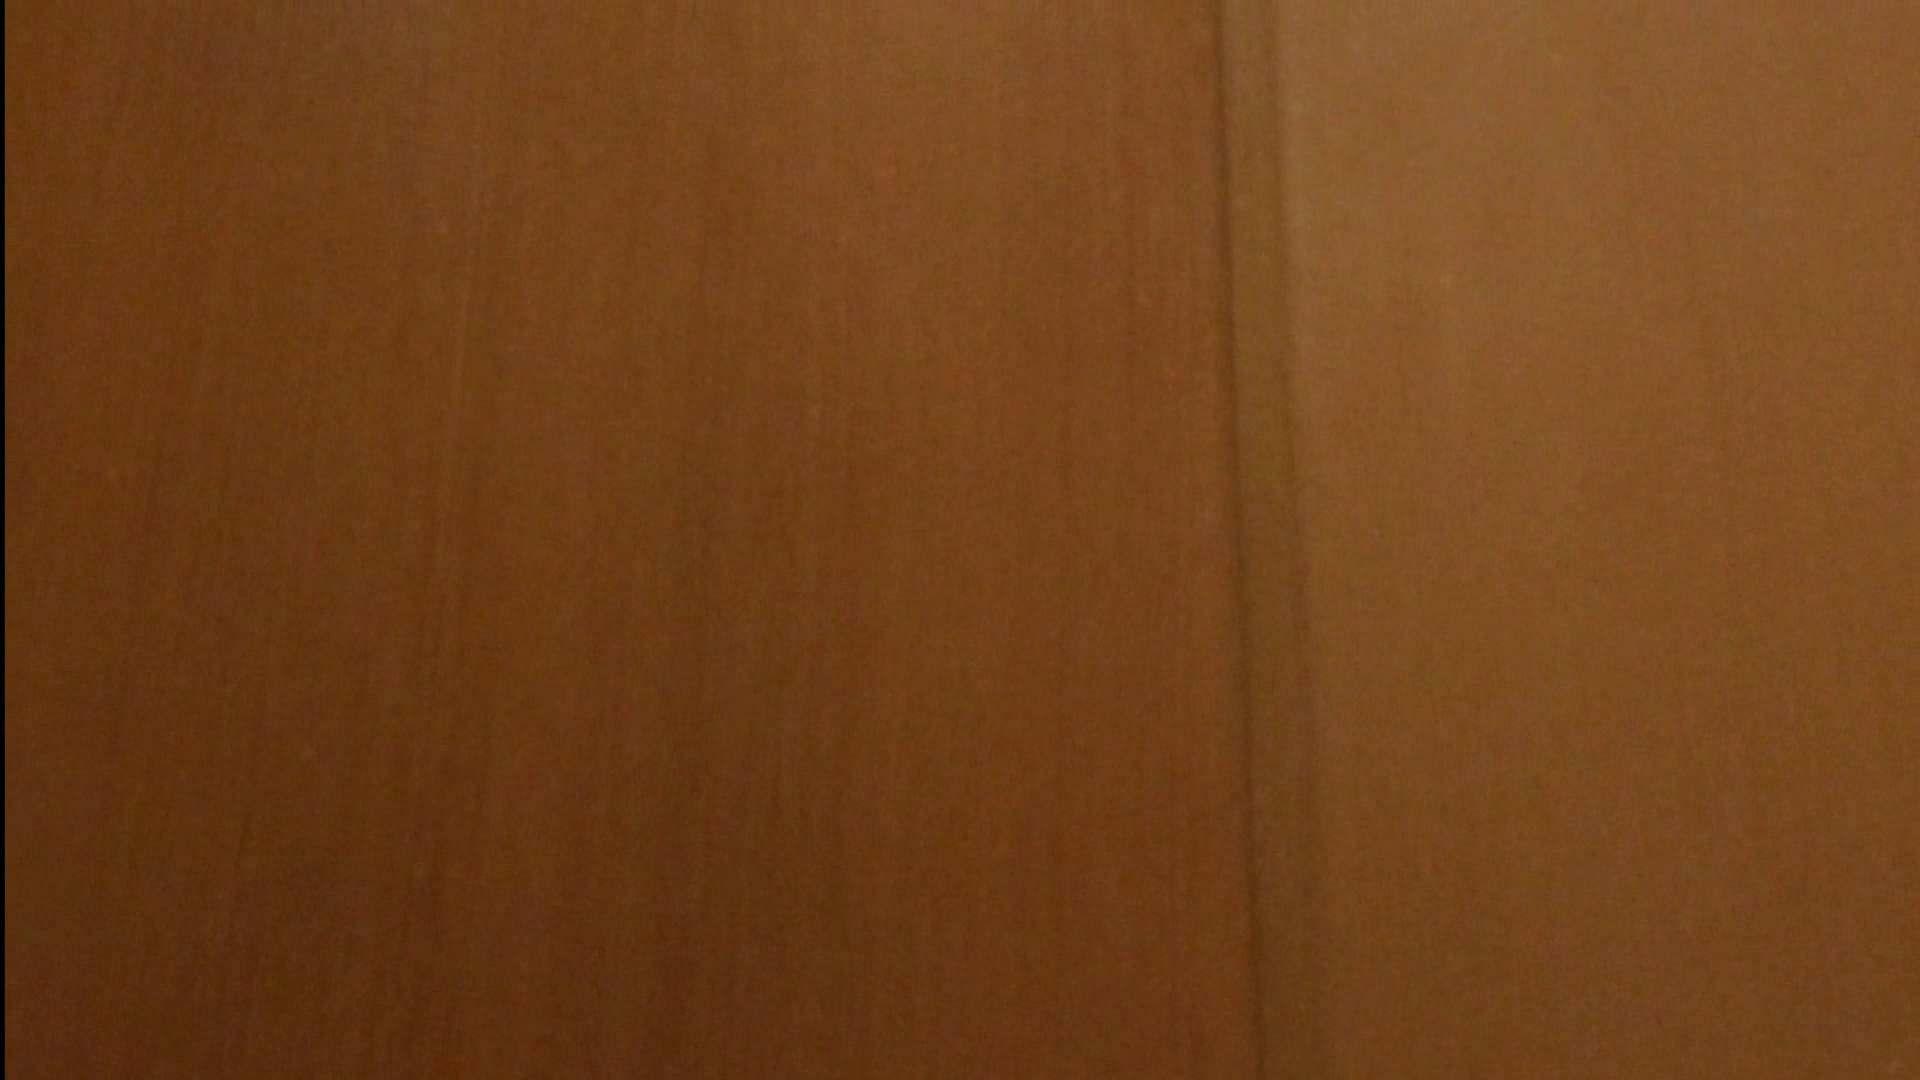 隣国化粧室下から御免!! No.04 美女ハメ撮り  100Pix 48